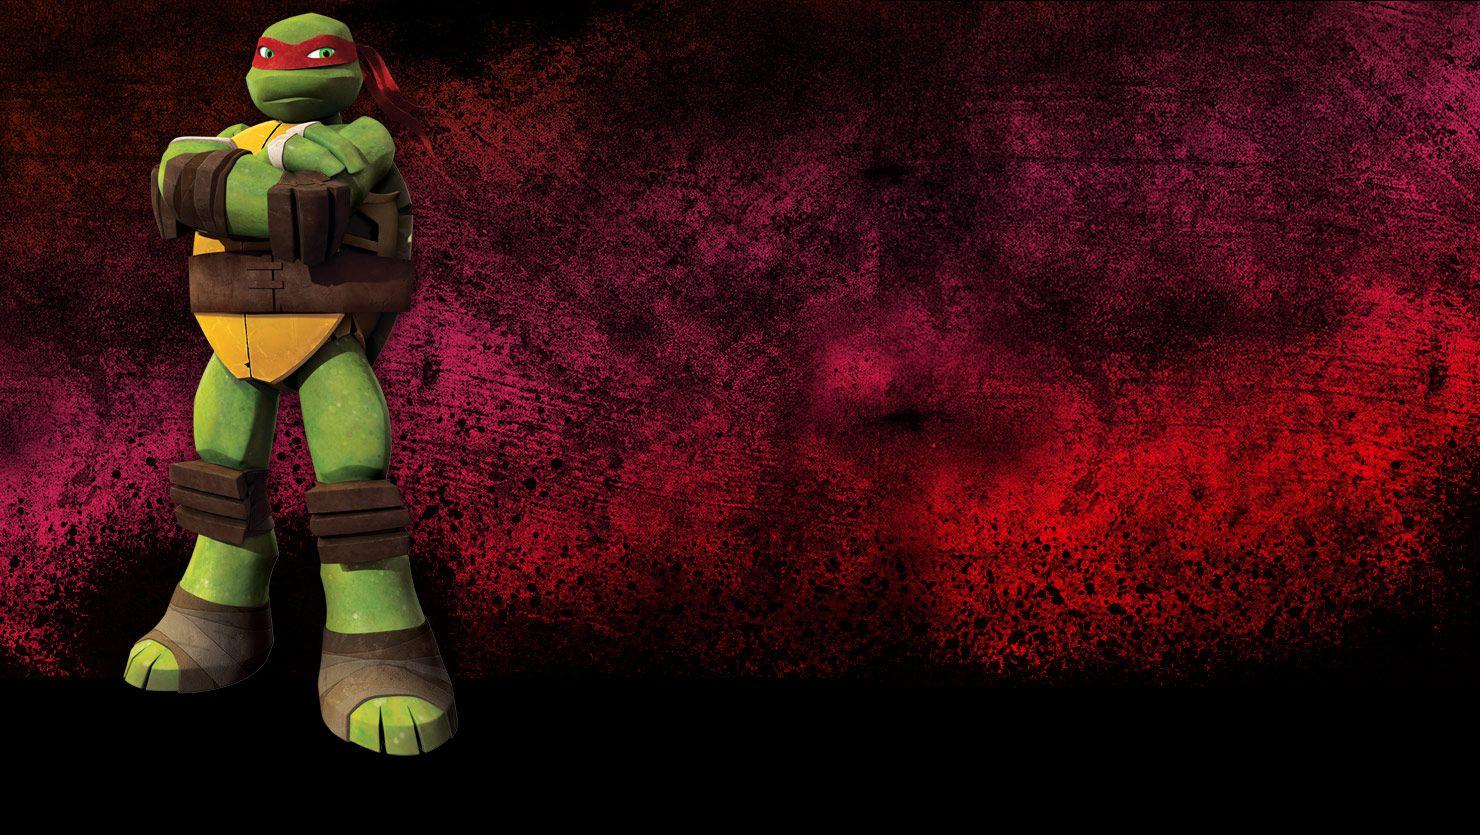 Teenage Mutant Ninja Turtles Wallpapers Group HD Wallpapers